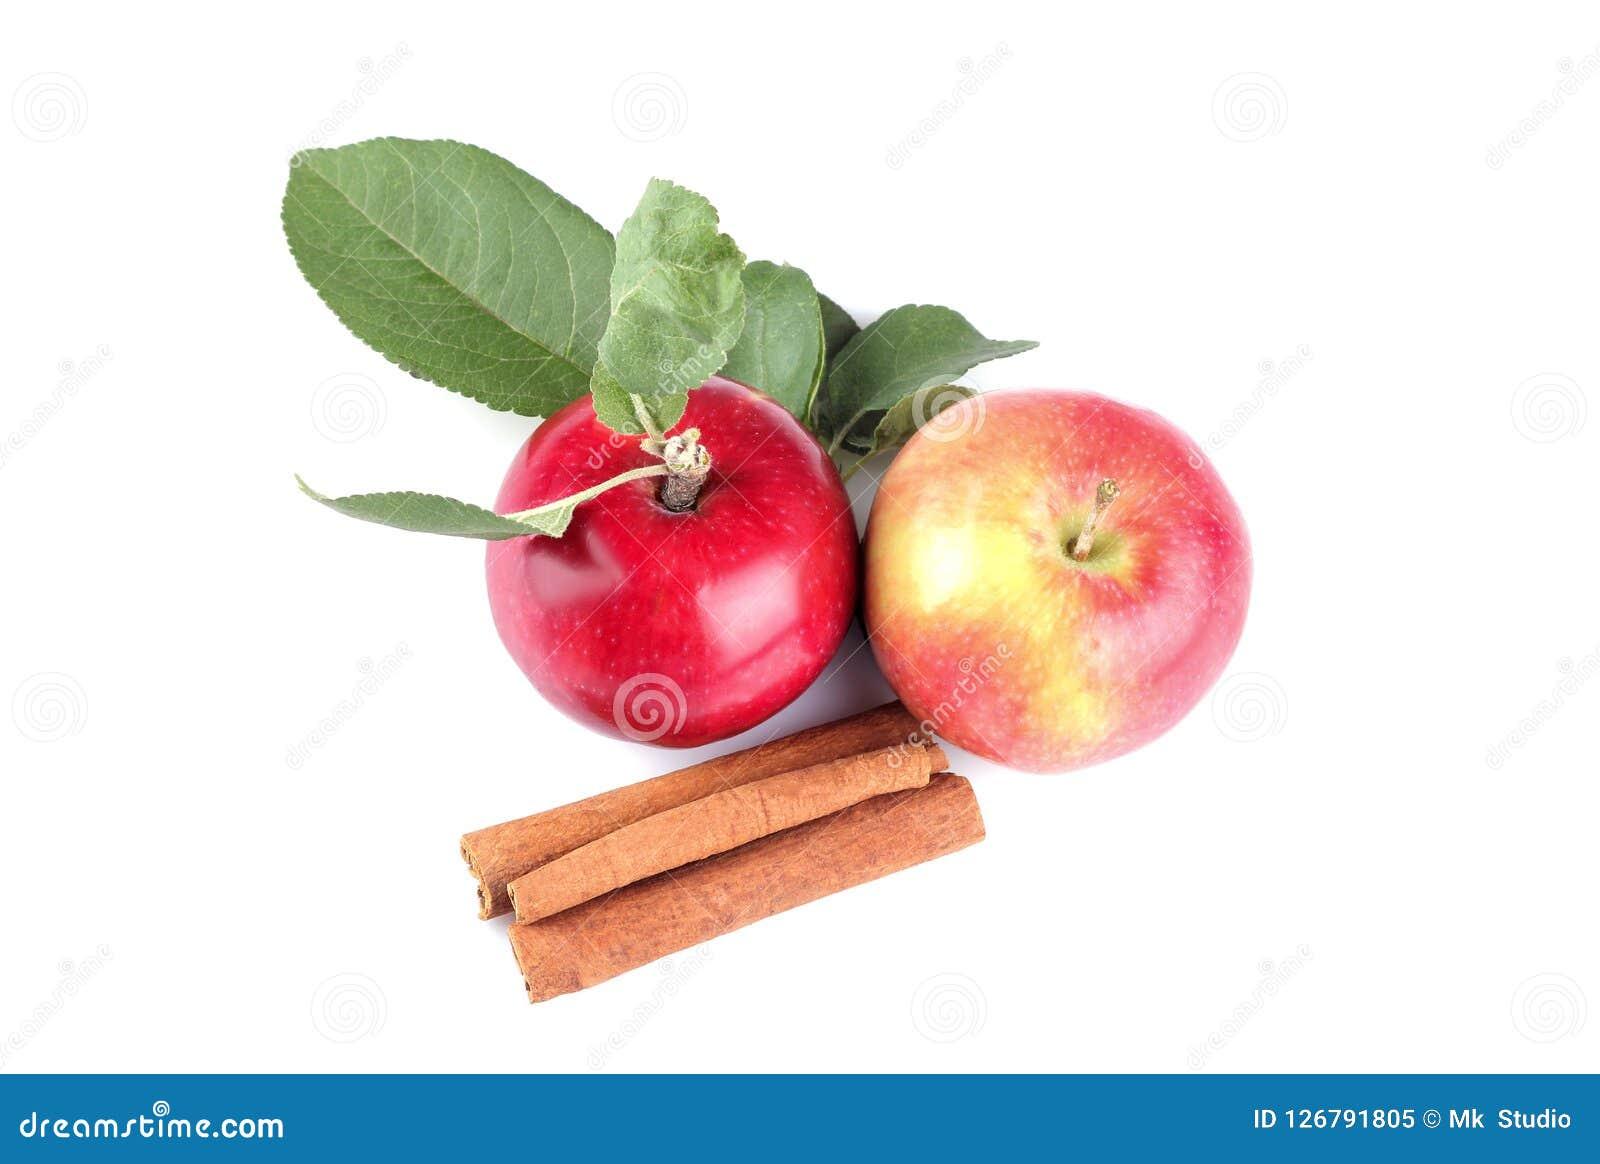 Czerwoni jabłka z liśćmi i cynamonowymi kijami na białym odosobnionym tle